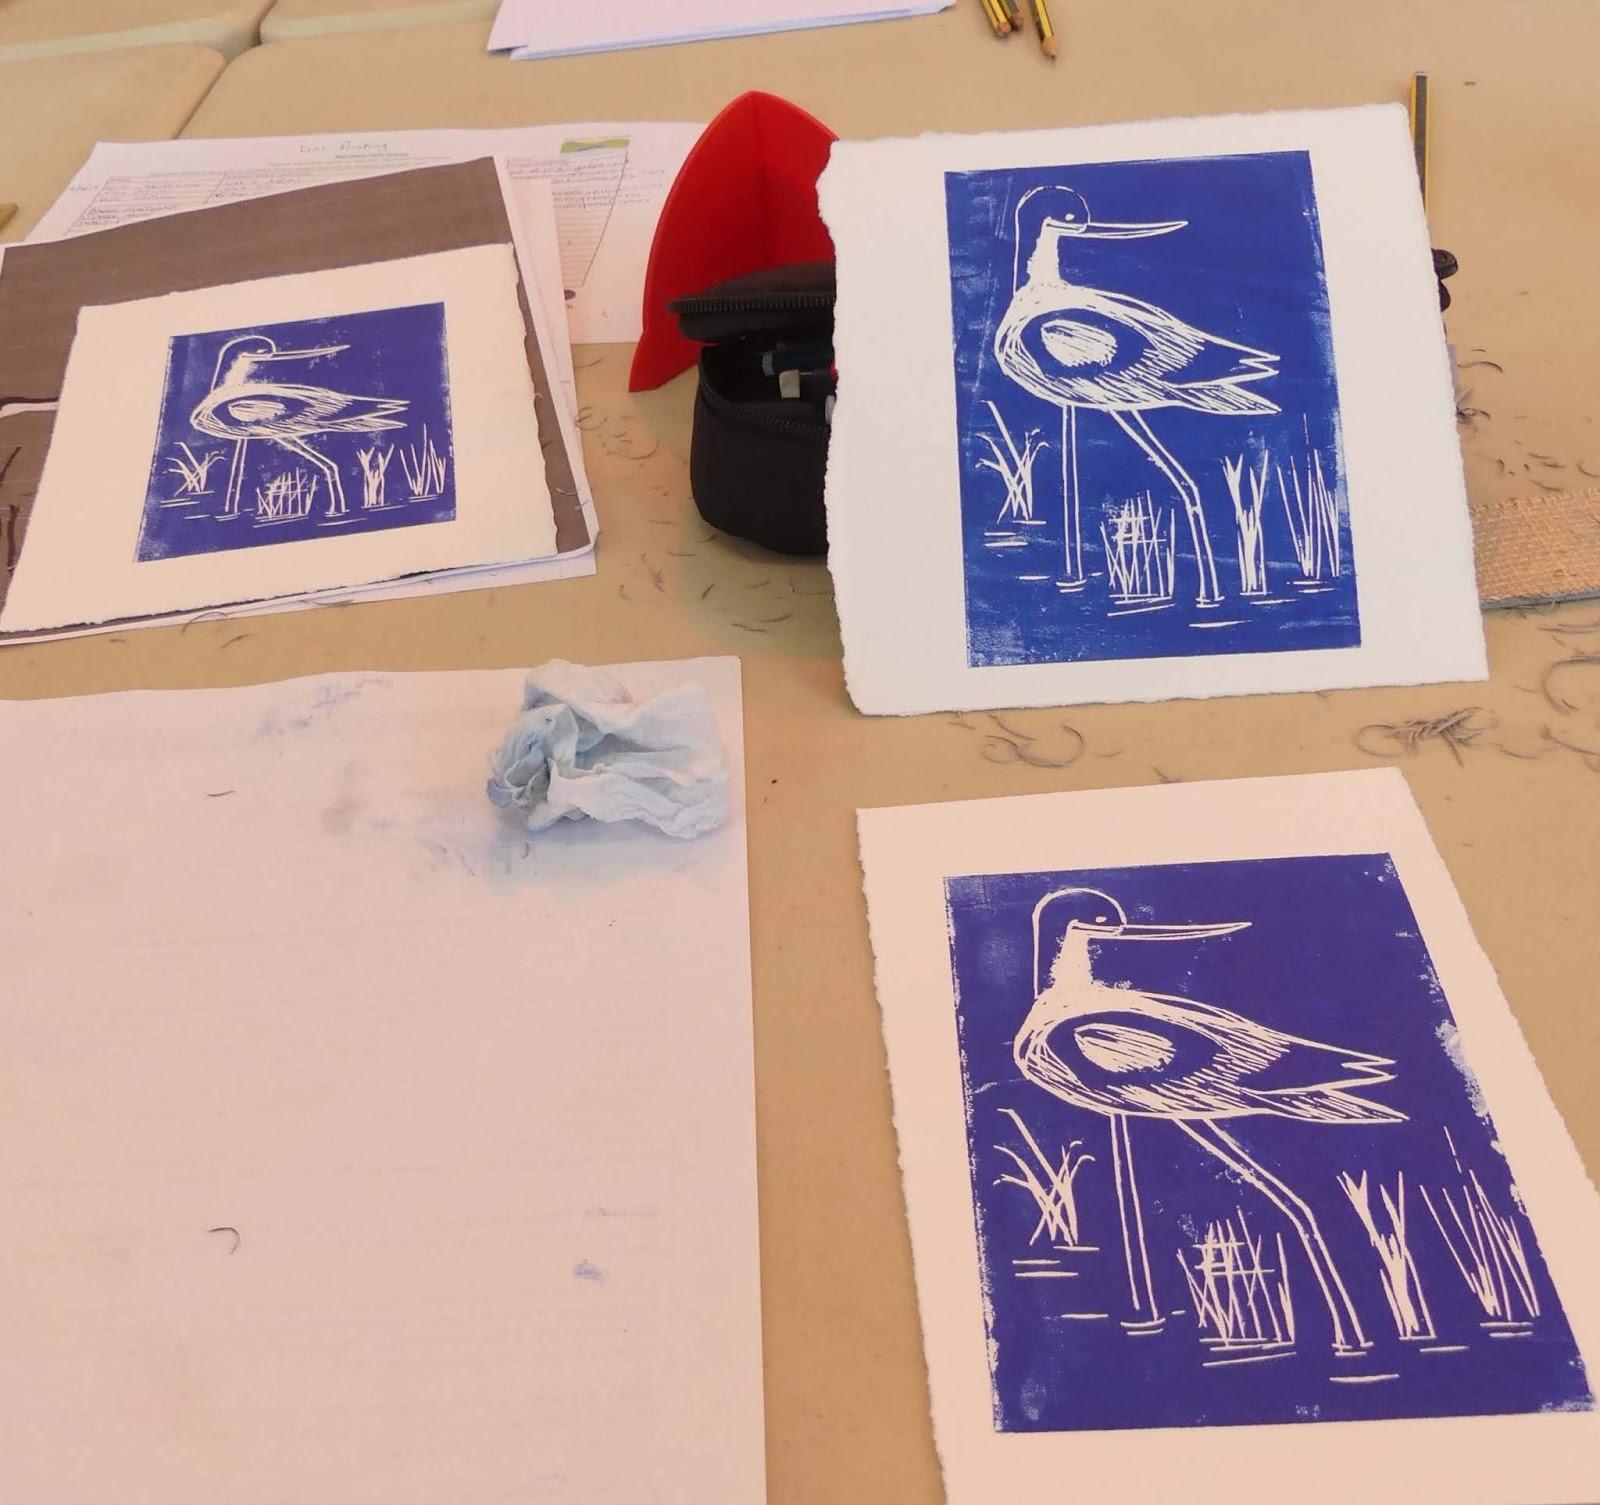 How Should I Say It Workshop For >> Julia Garner Lino Cut Workshops